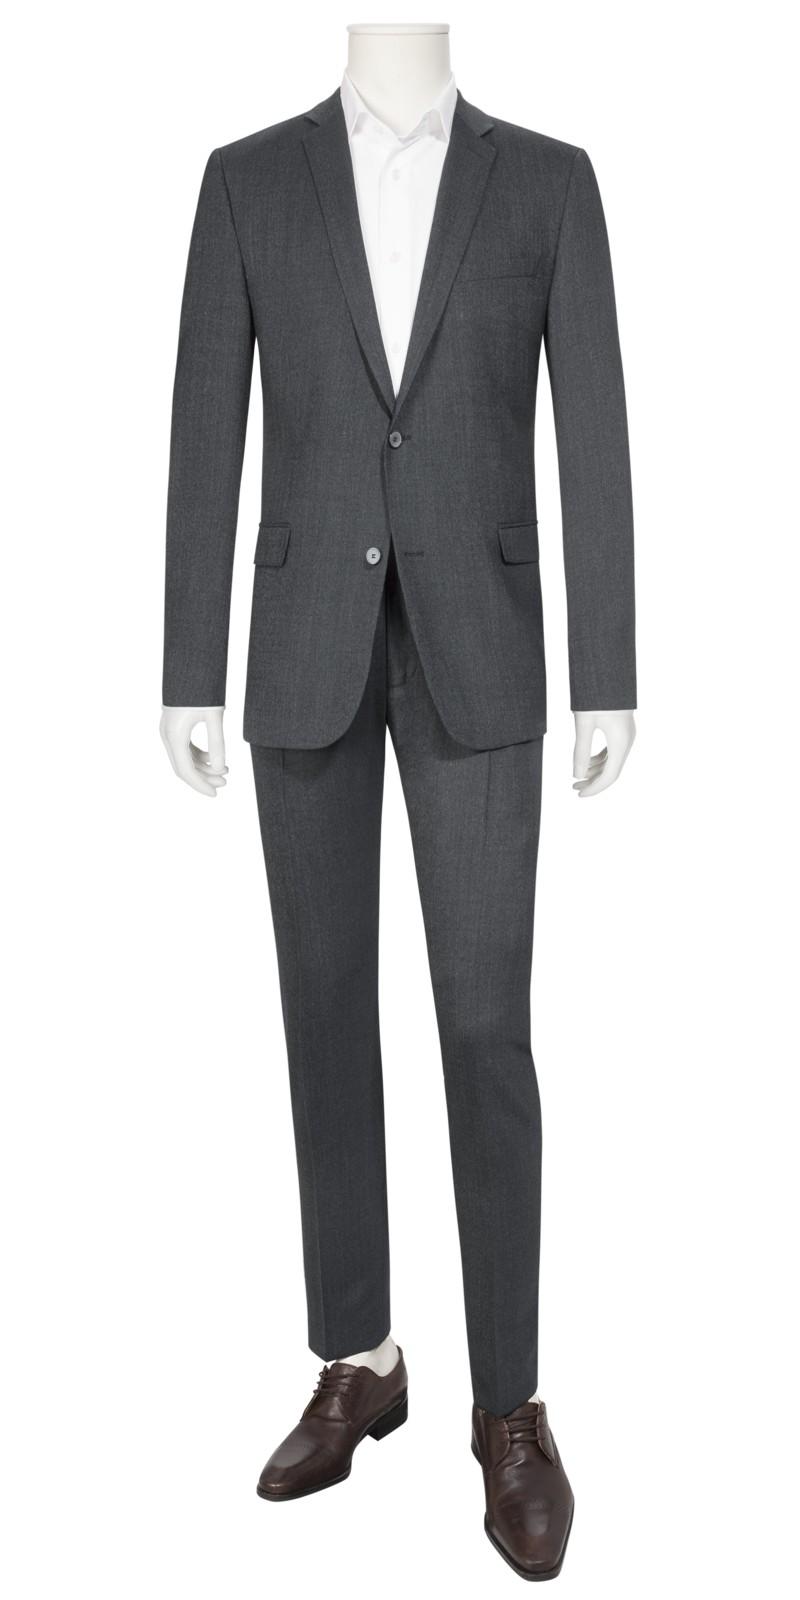 Baukasten Anzug im Minimalmuster, CaleMadden, Extra Slim Fit